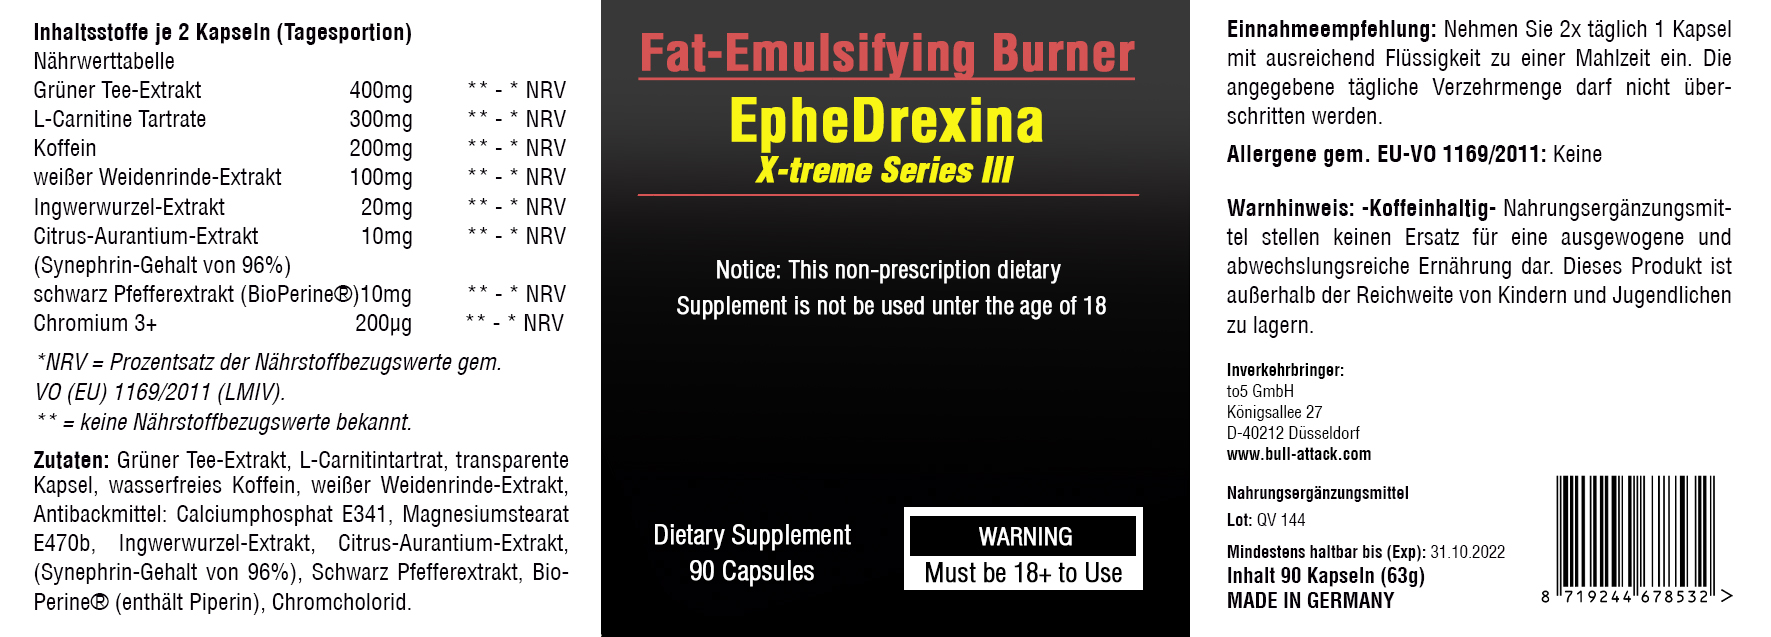 EpheDrexina III Fatburner